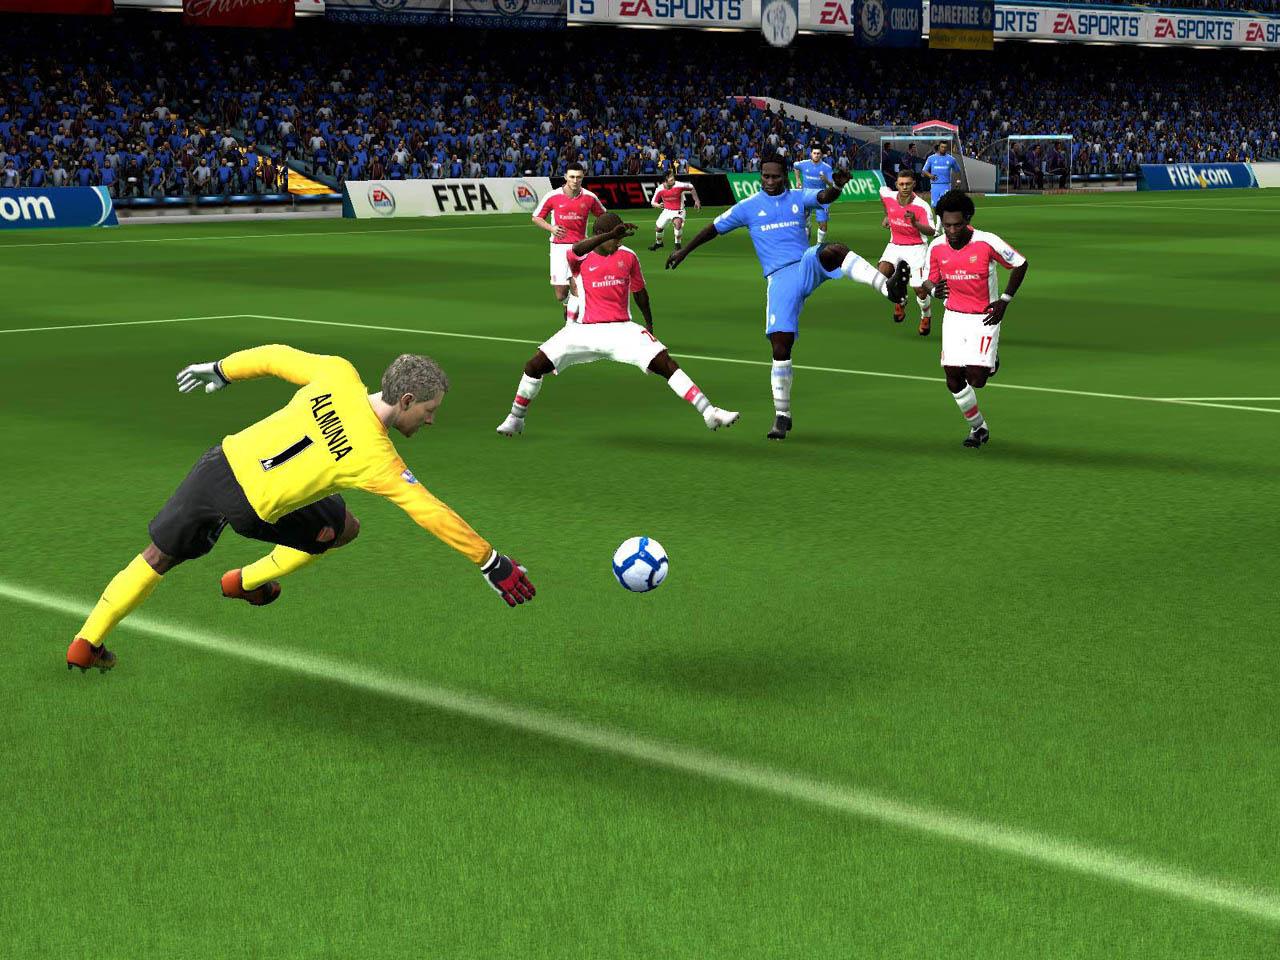 FIFA Online - Immagini dal campo di gioco